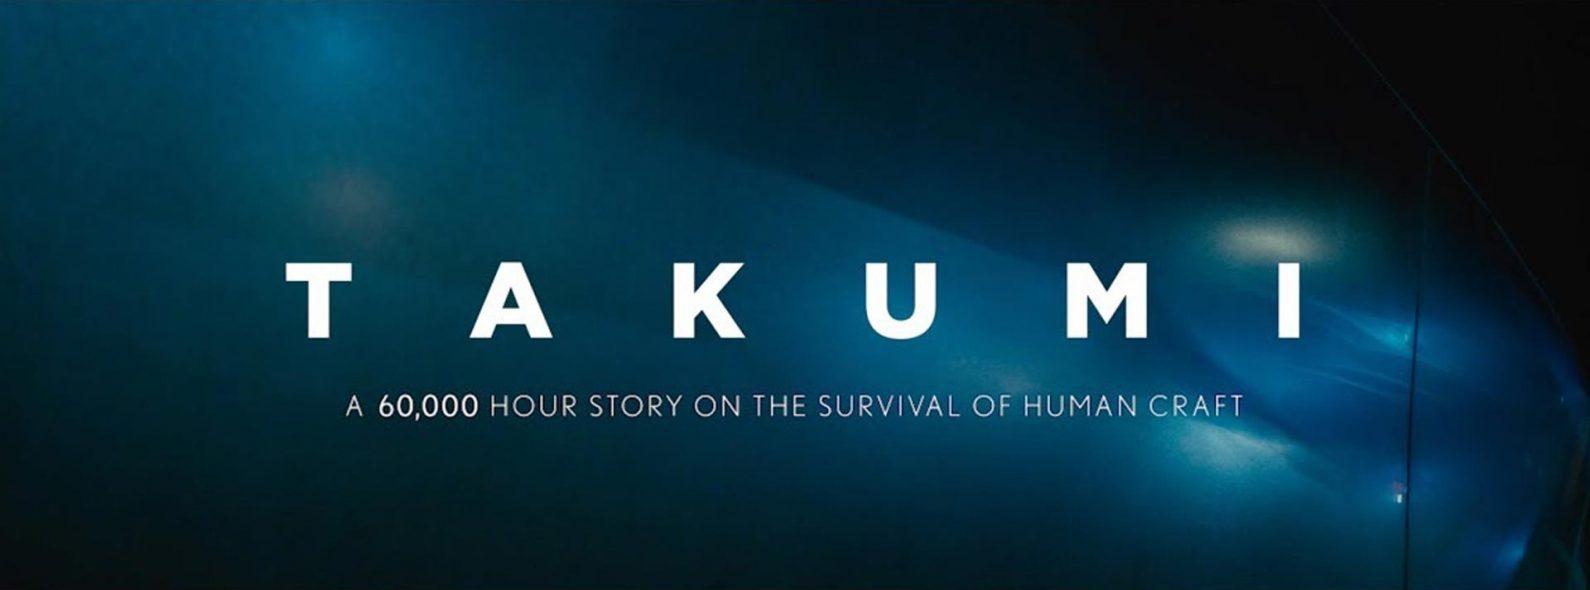 TAKUMI Film 2018